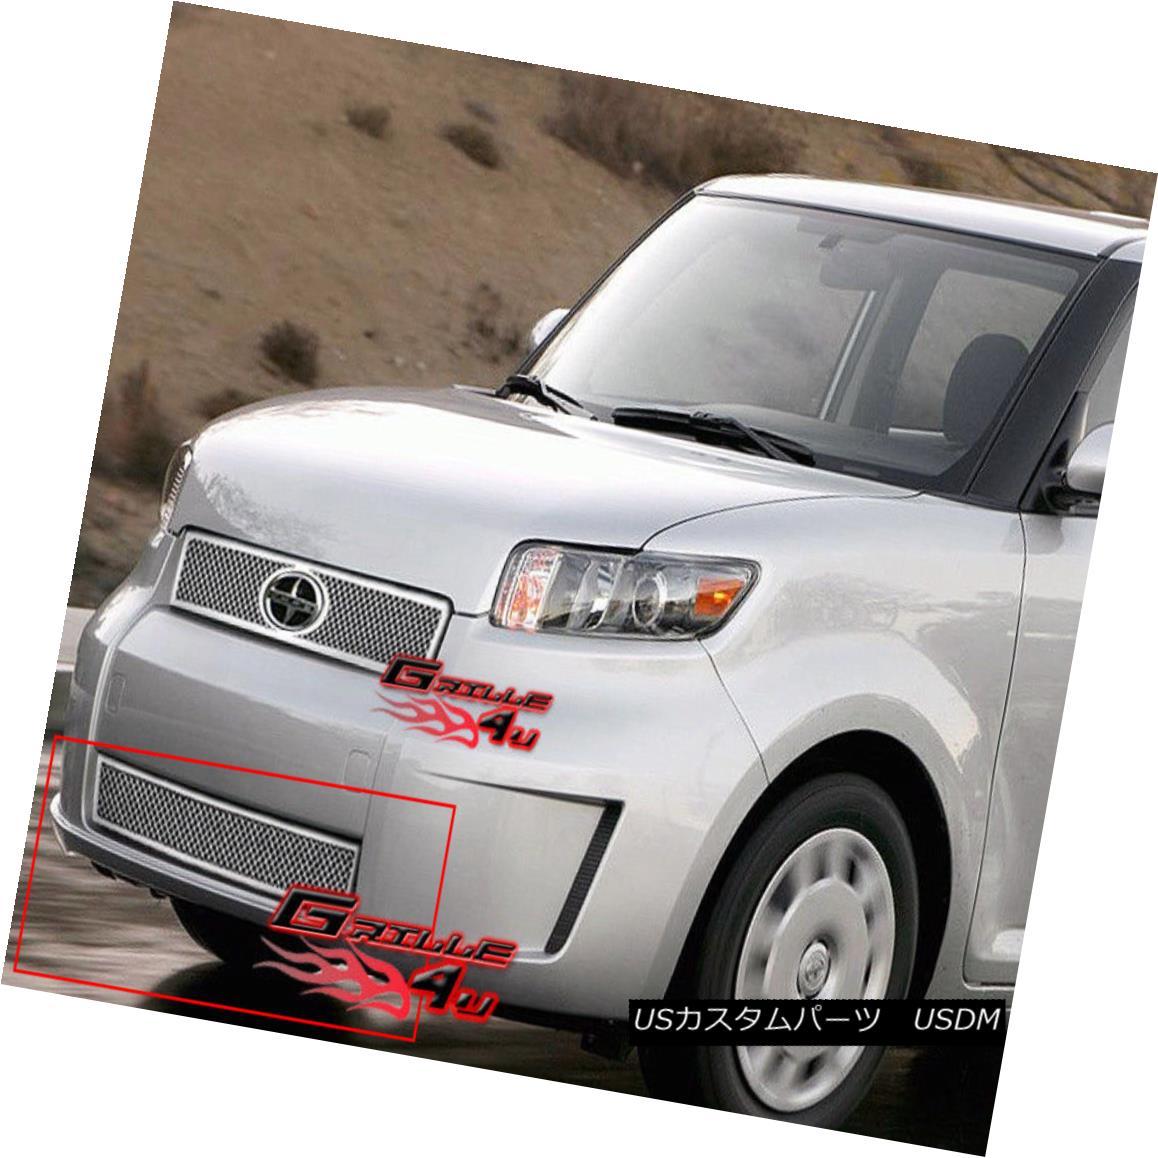 グリル For 08-10 Scion XB Bumper Stainless Mesh Grille Insert 08-10 Scion XBバンパーステンレスメッシュグリルインサート